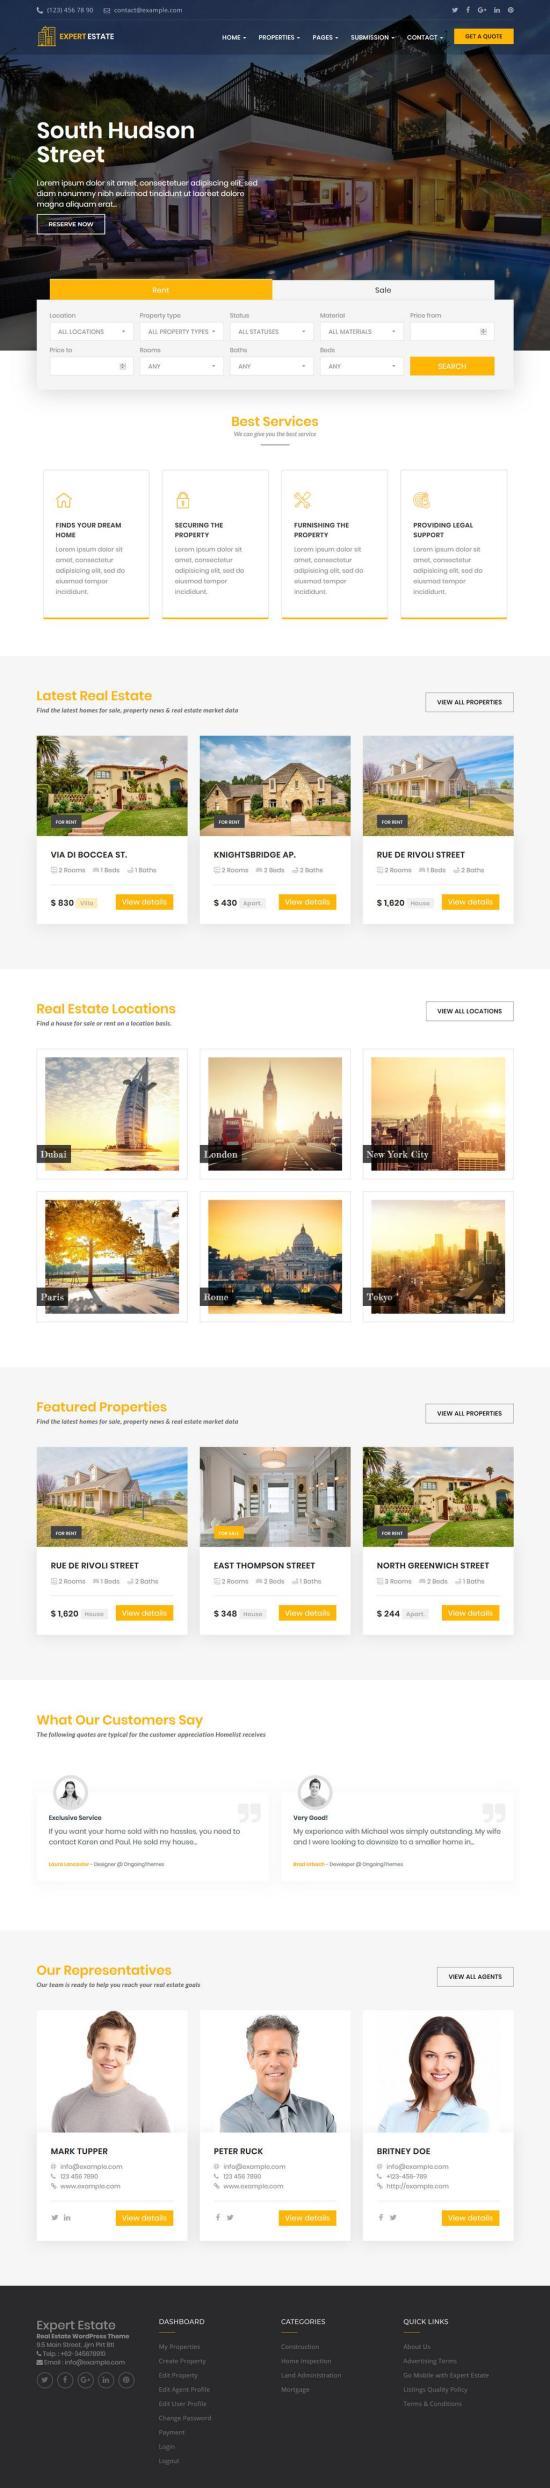 expertestate wordpress theme 01 - ExpertEstate WordPress Theme